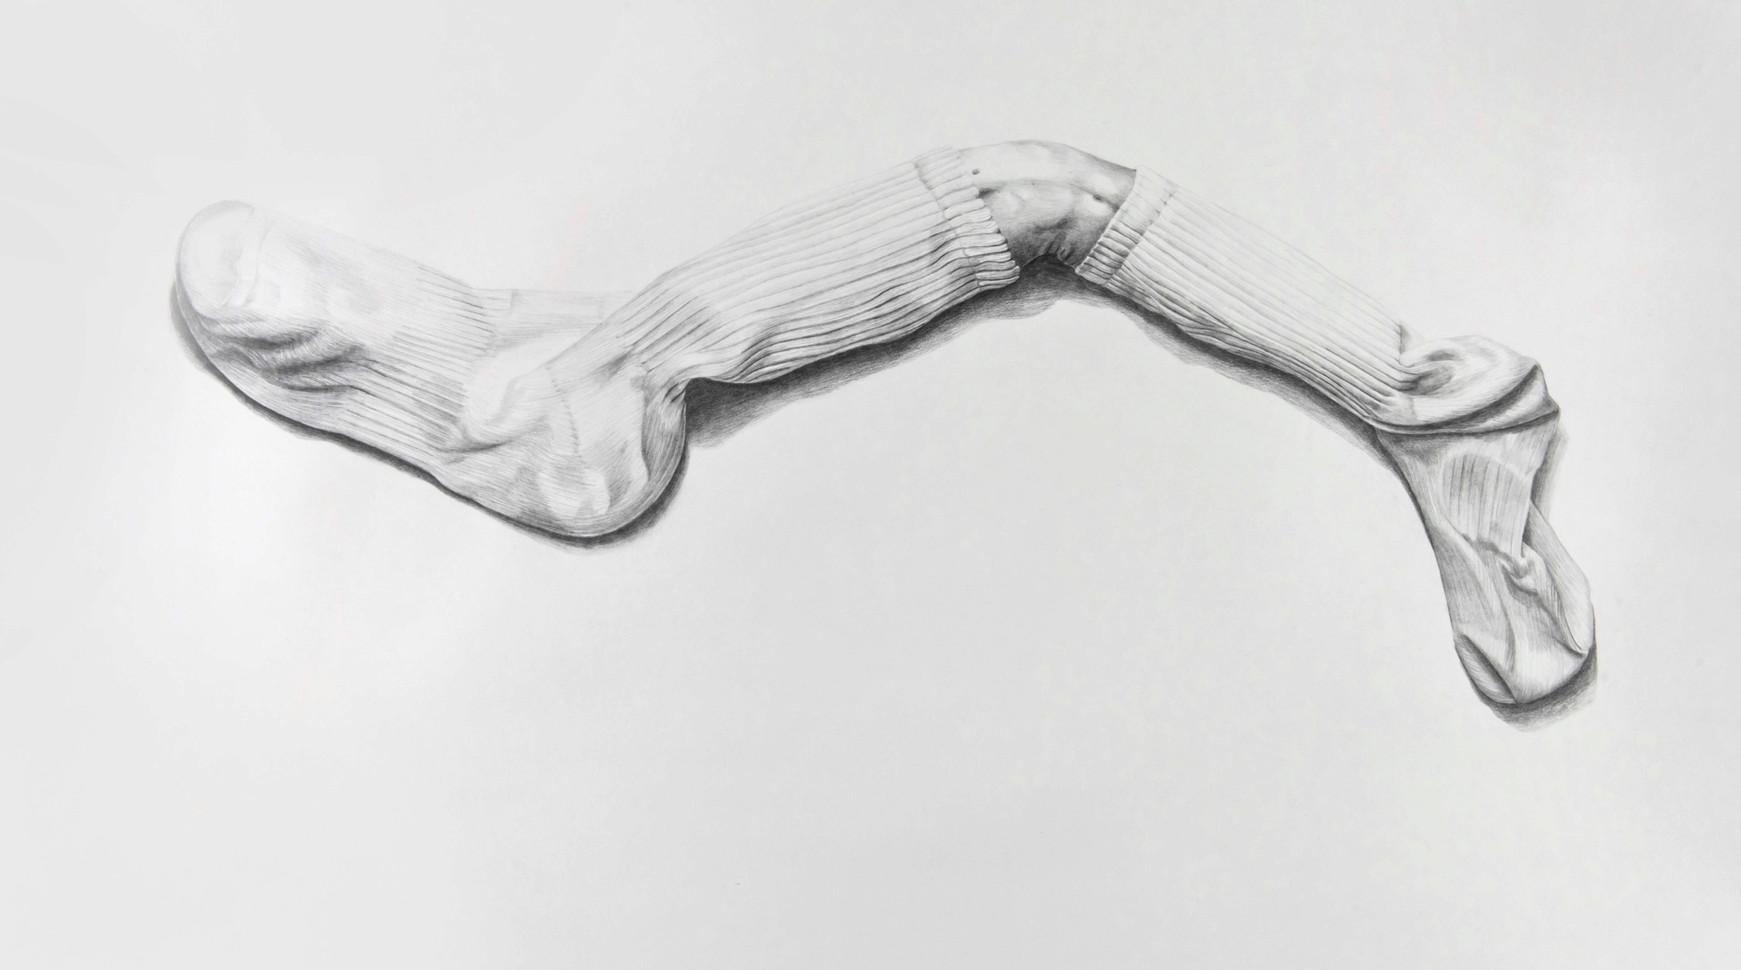 Çoraptan Çıkan Sevgili - lll, 2019